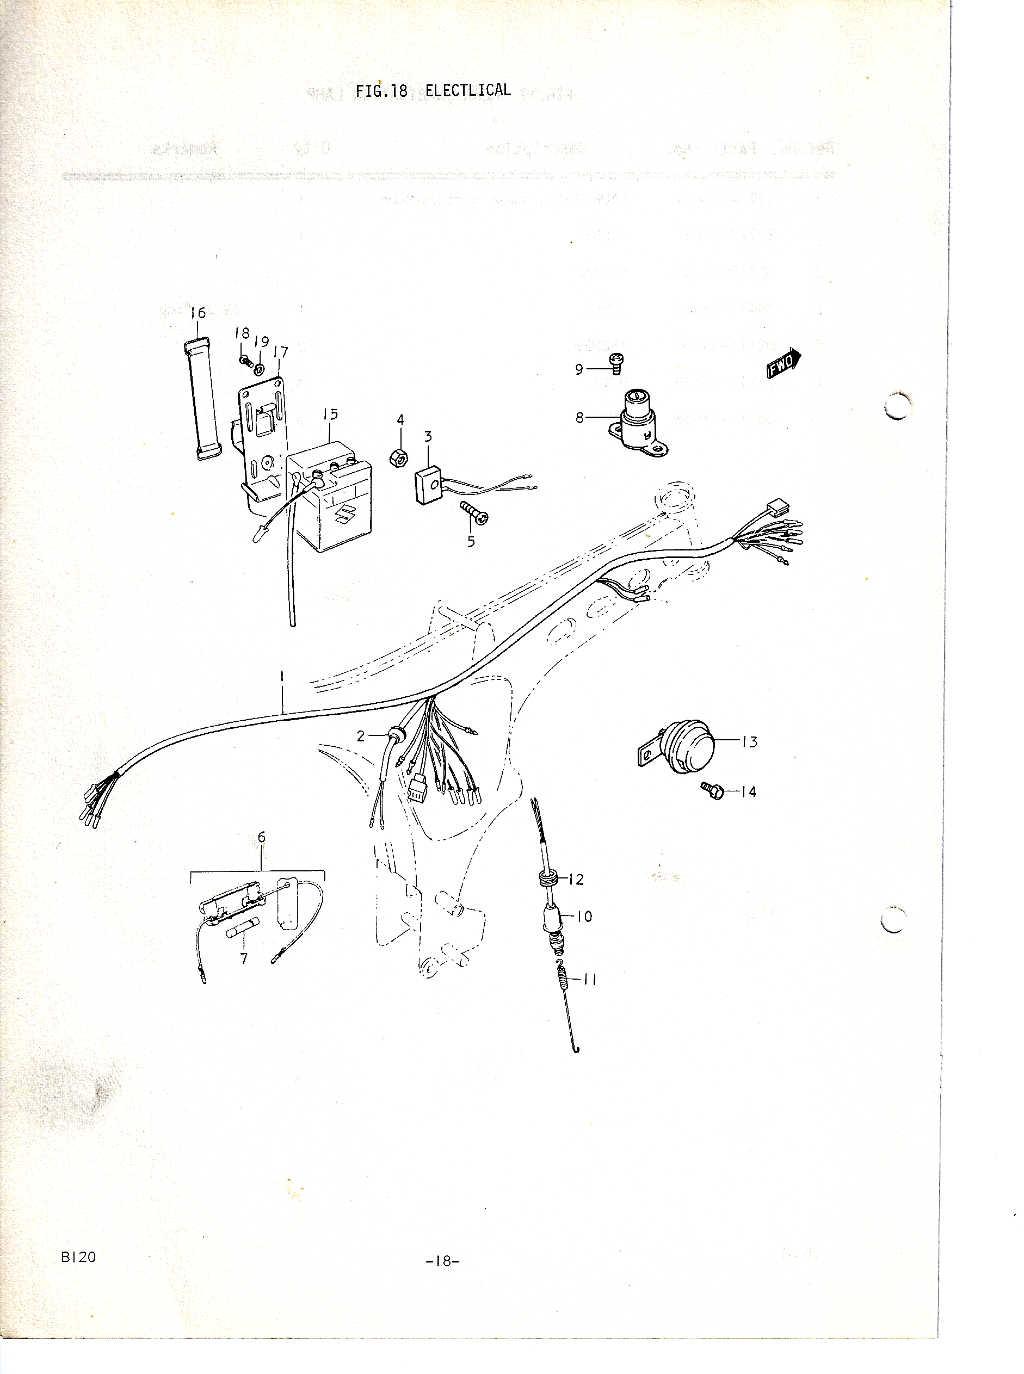 Suzuki B120 Parts Manual